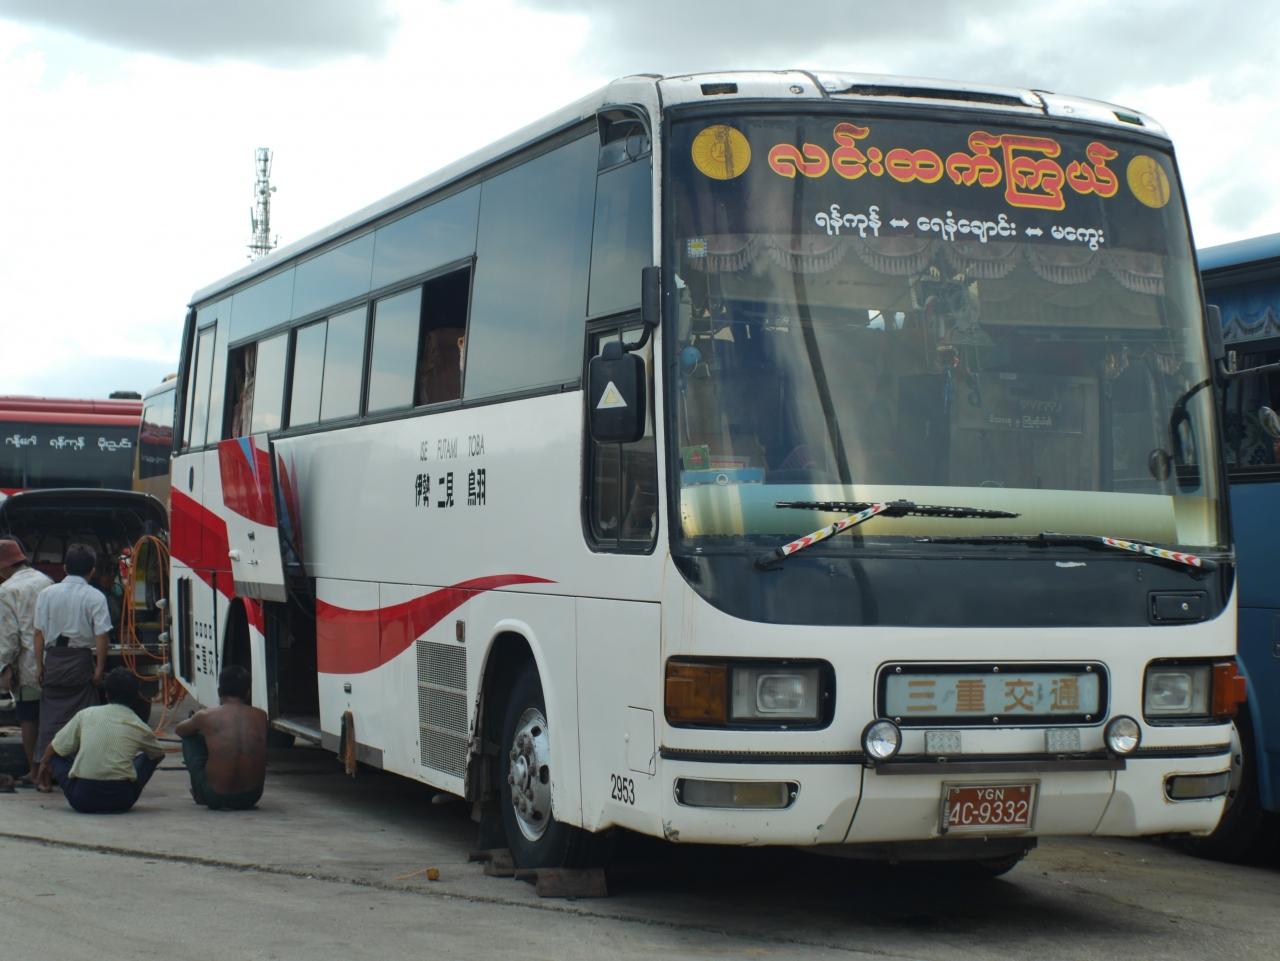 日本退役バスさんの新天地、ミャ...